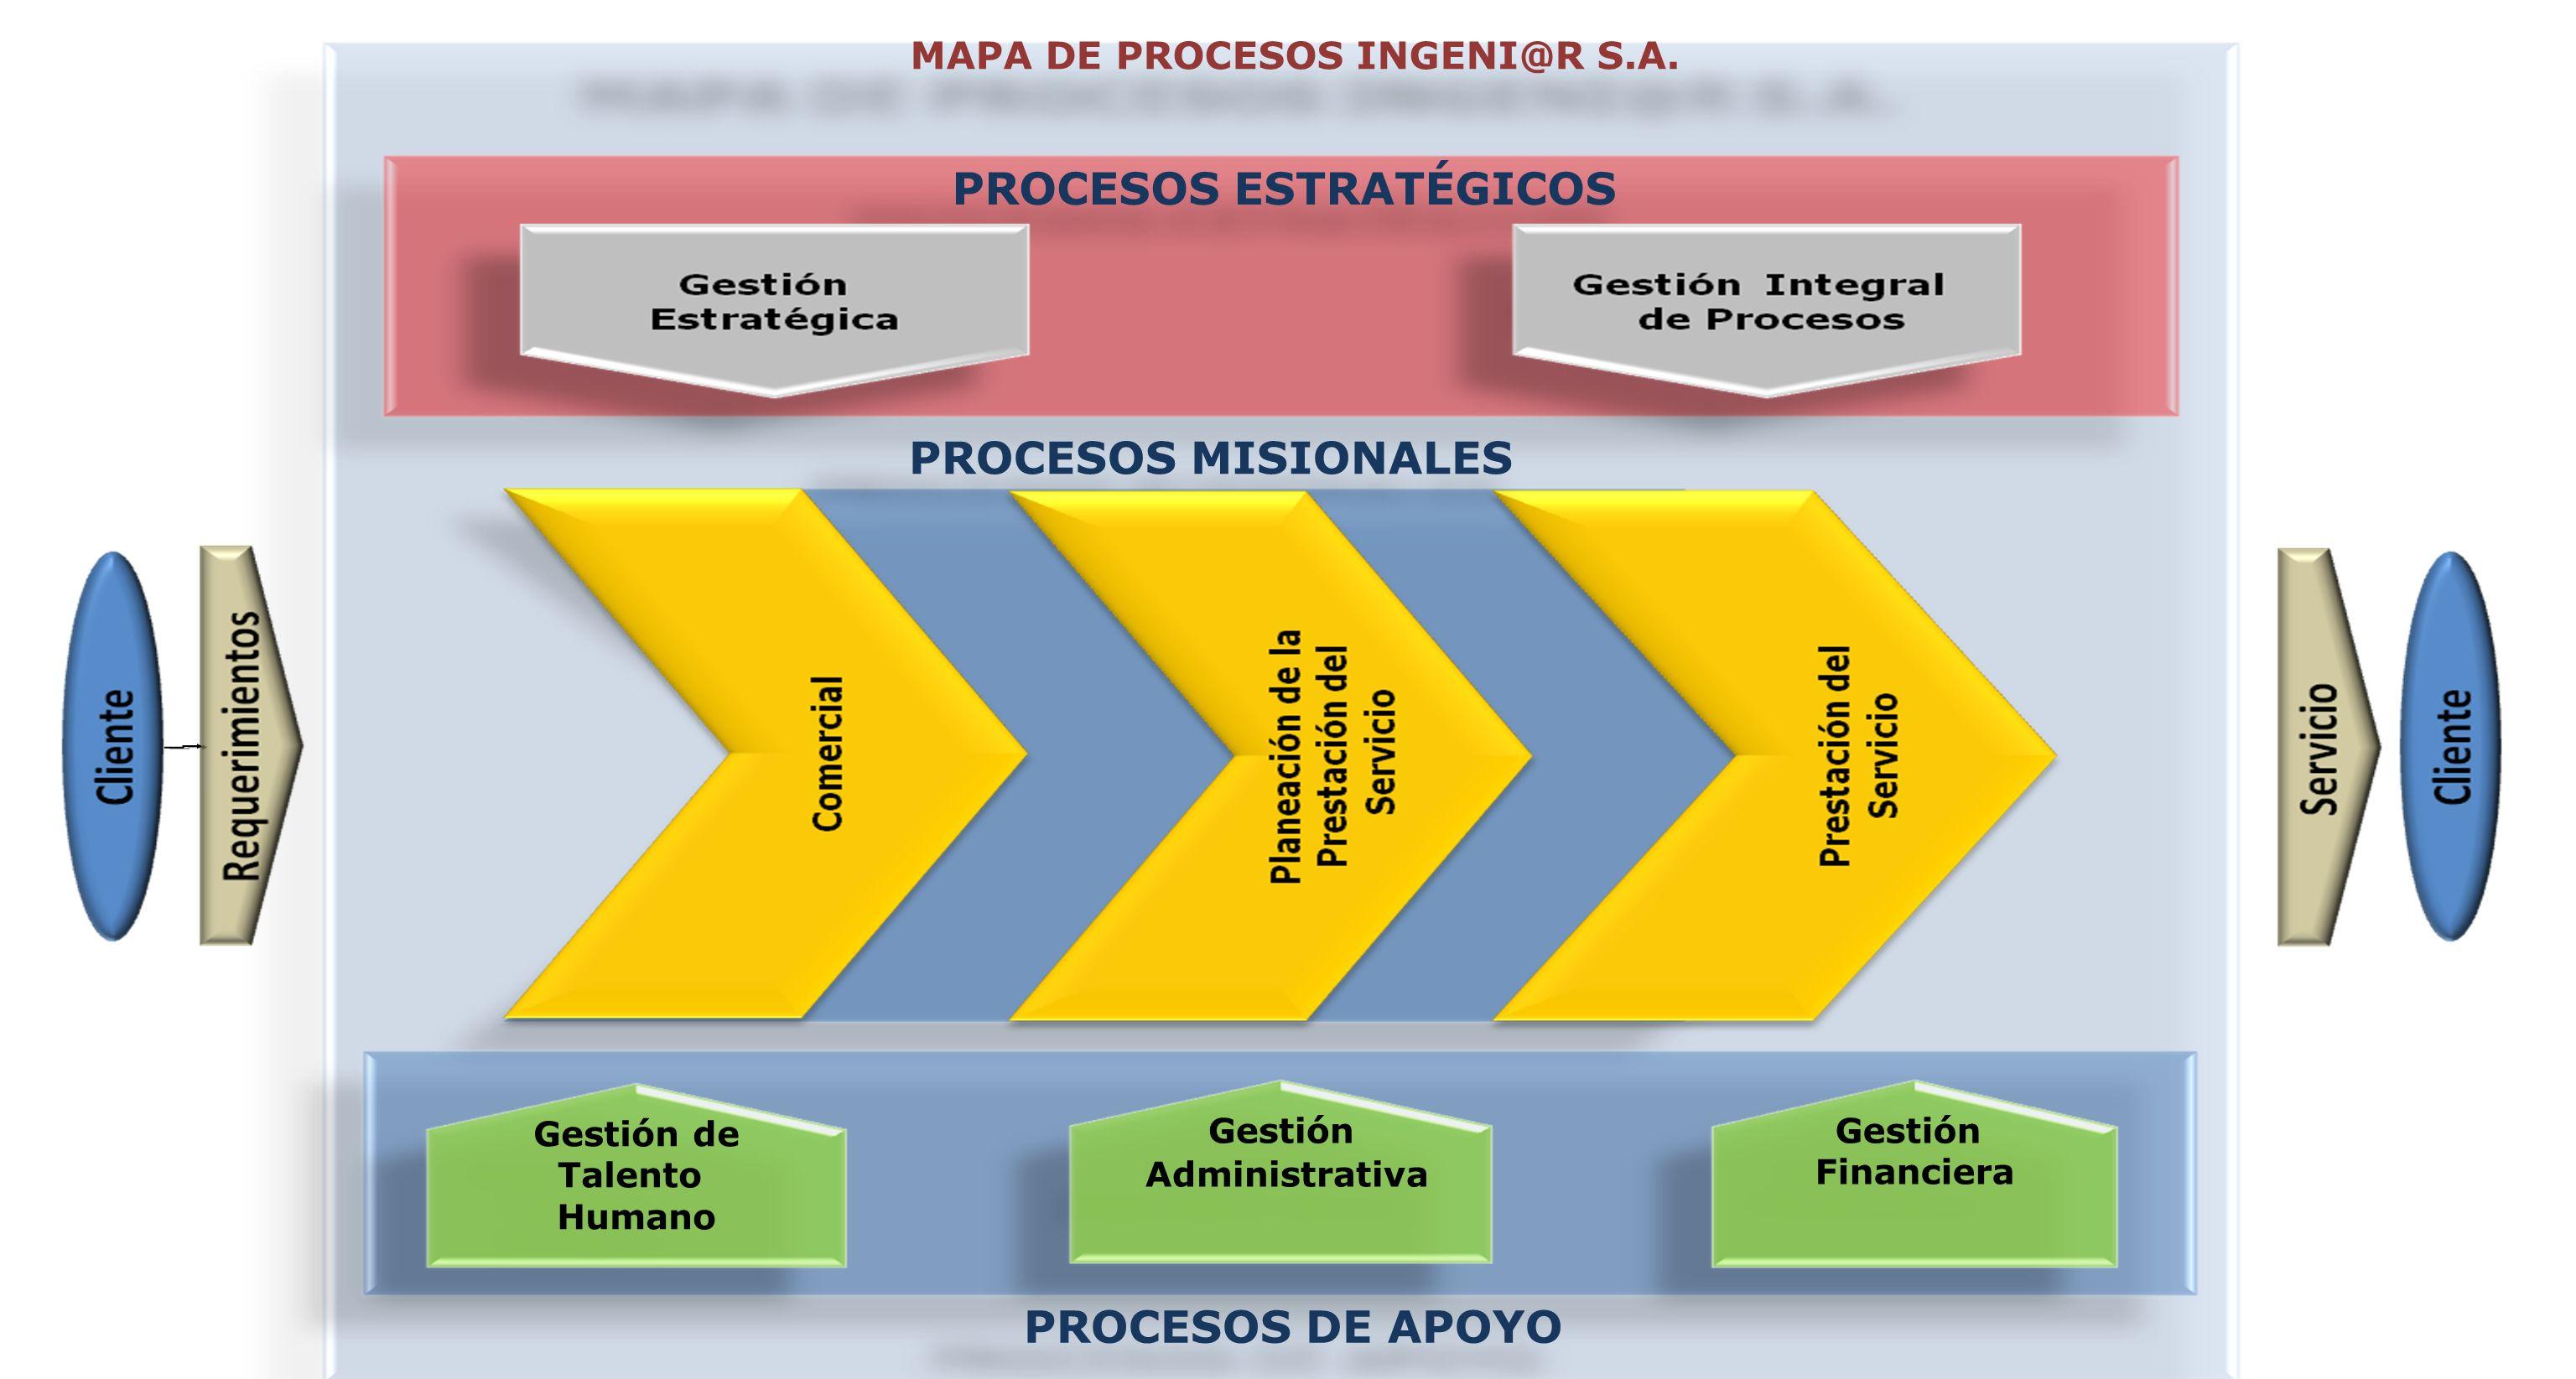 MACROPROCESO DE DESARROLLO INTEGRAL DEL TERRITORIO Objetivo: Implementar acciones que contribuyan al desarrollo físico, económico y ambiental del municipio de Santiago de Cali, y lo conduzca a su crecimiento armónico y competitivo.